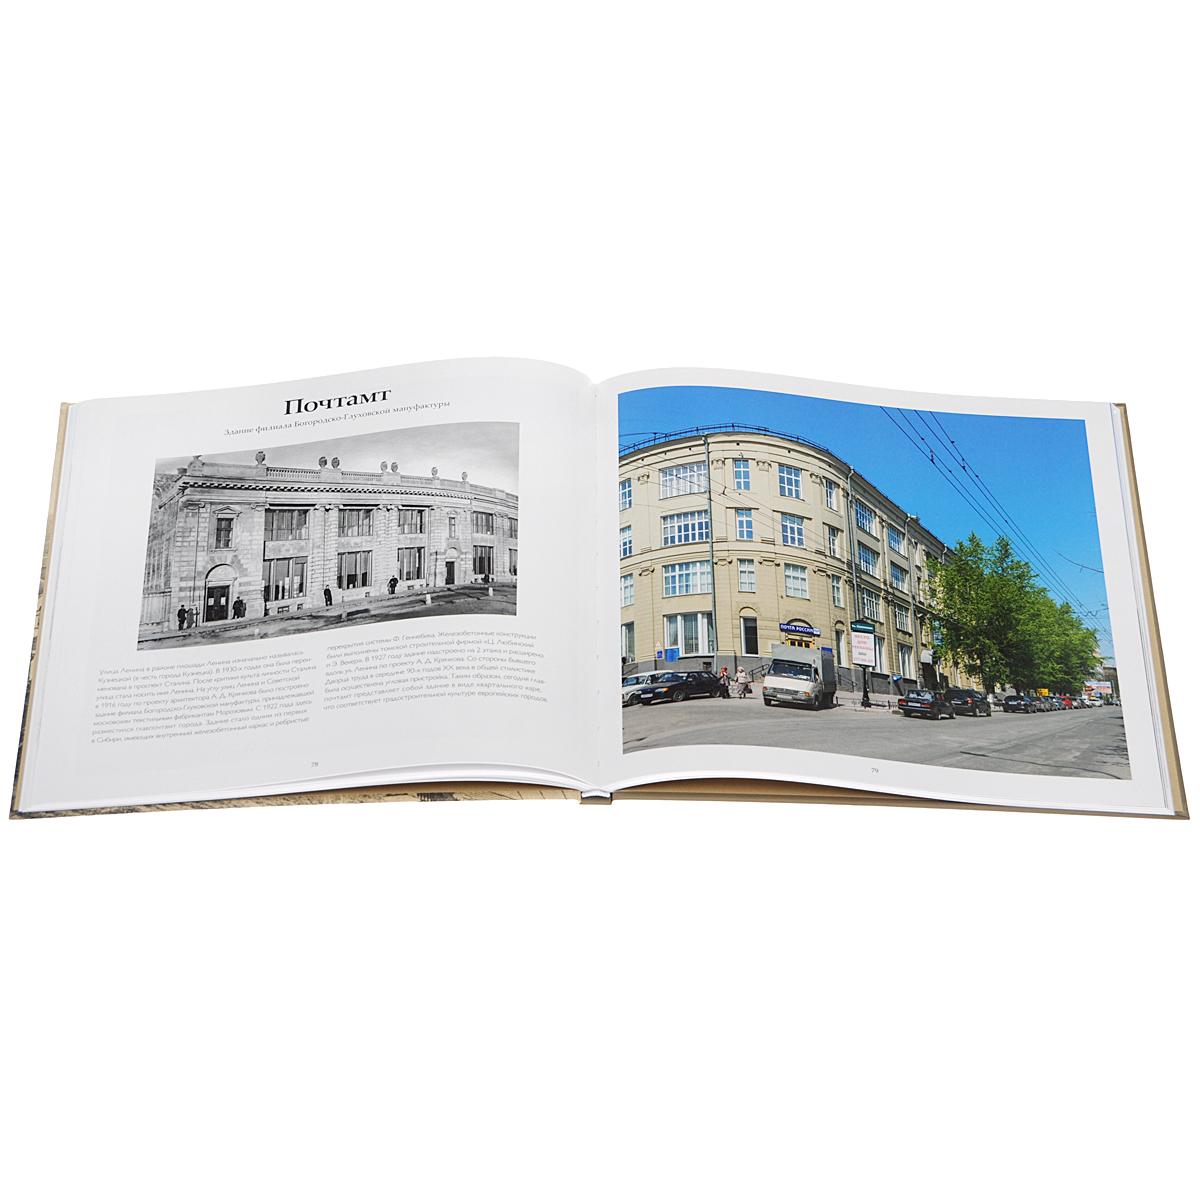 Новосибирск. Тогда и сейчас. Фотоальбом